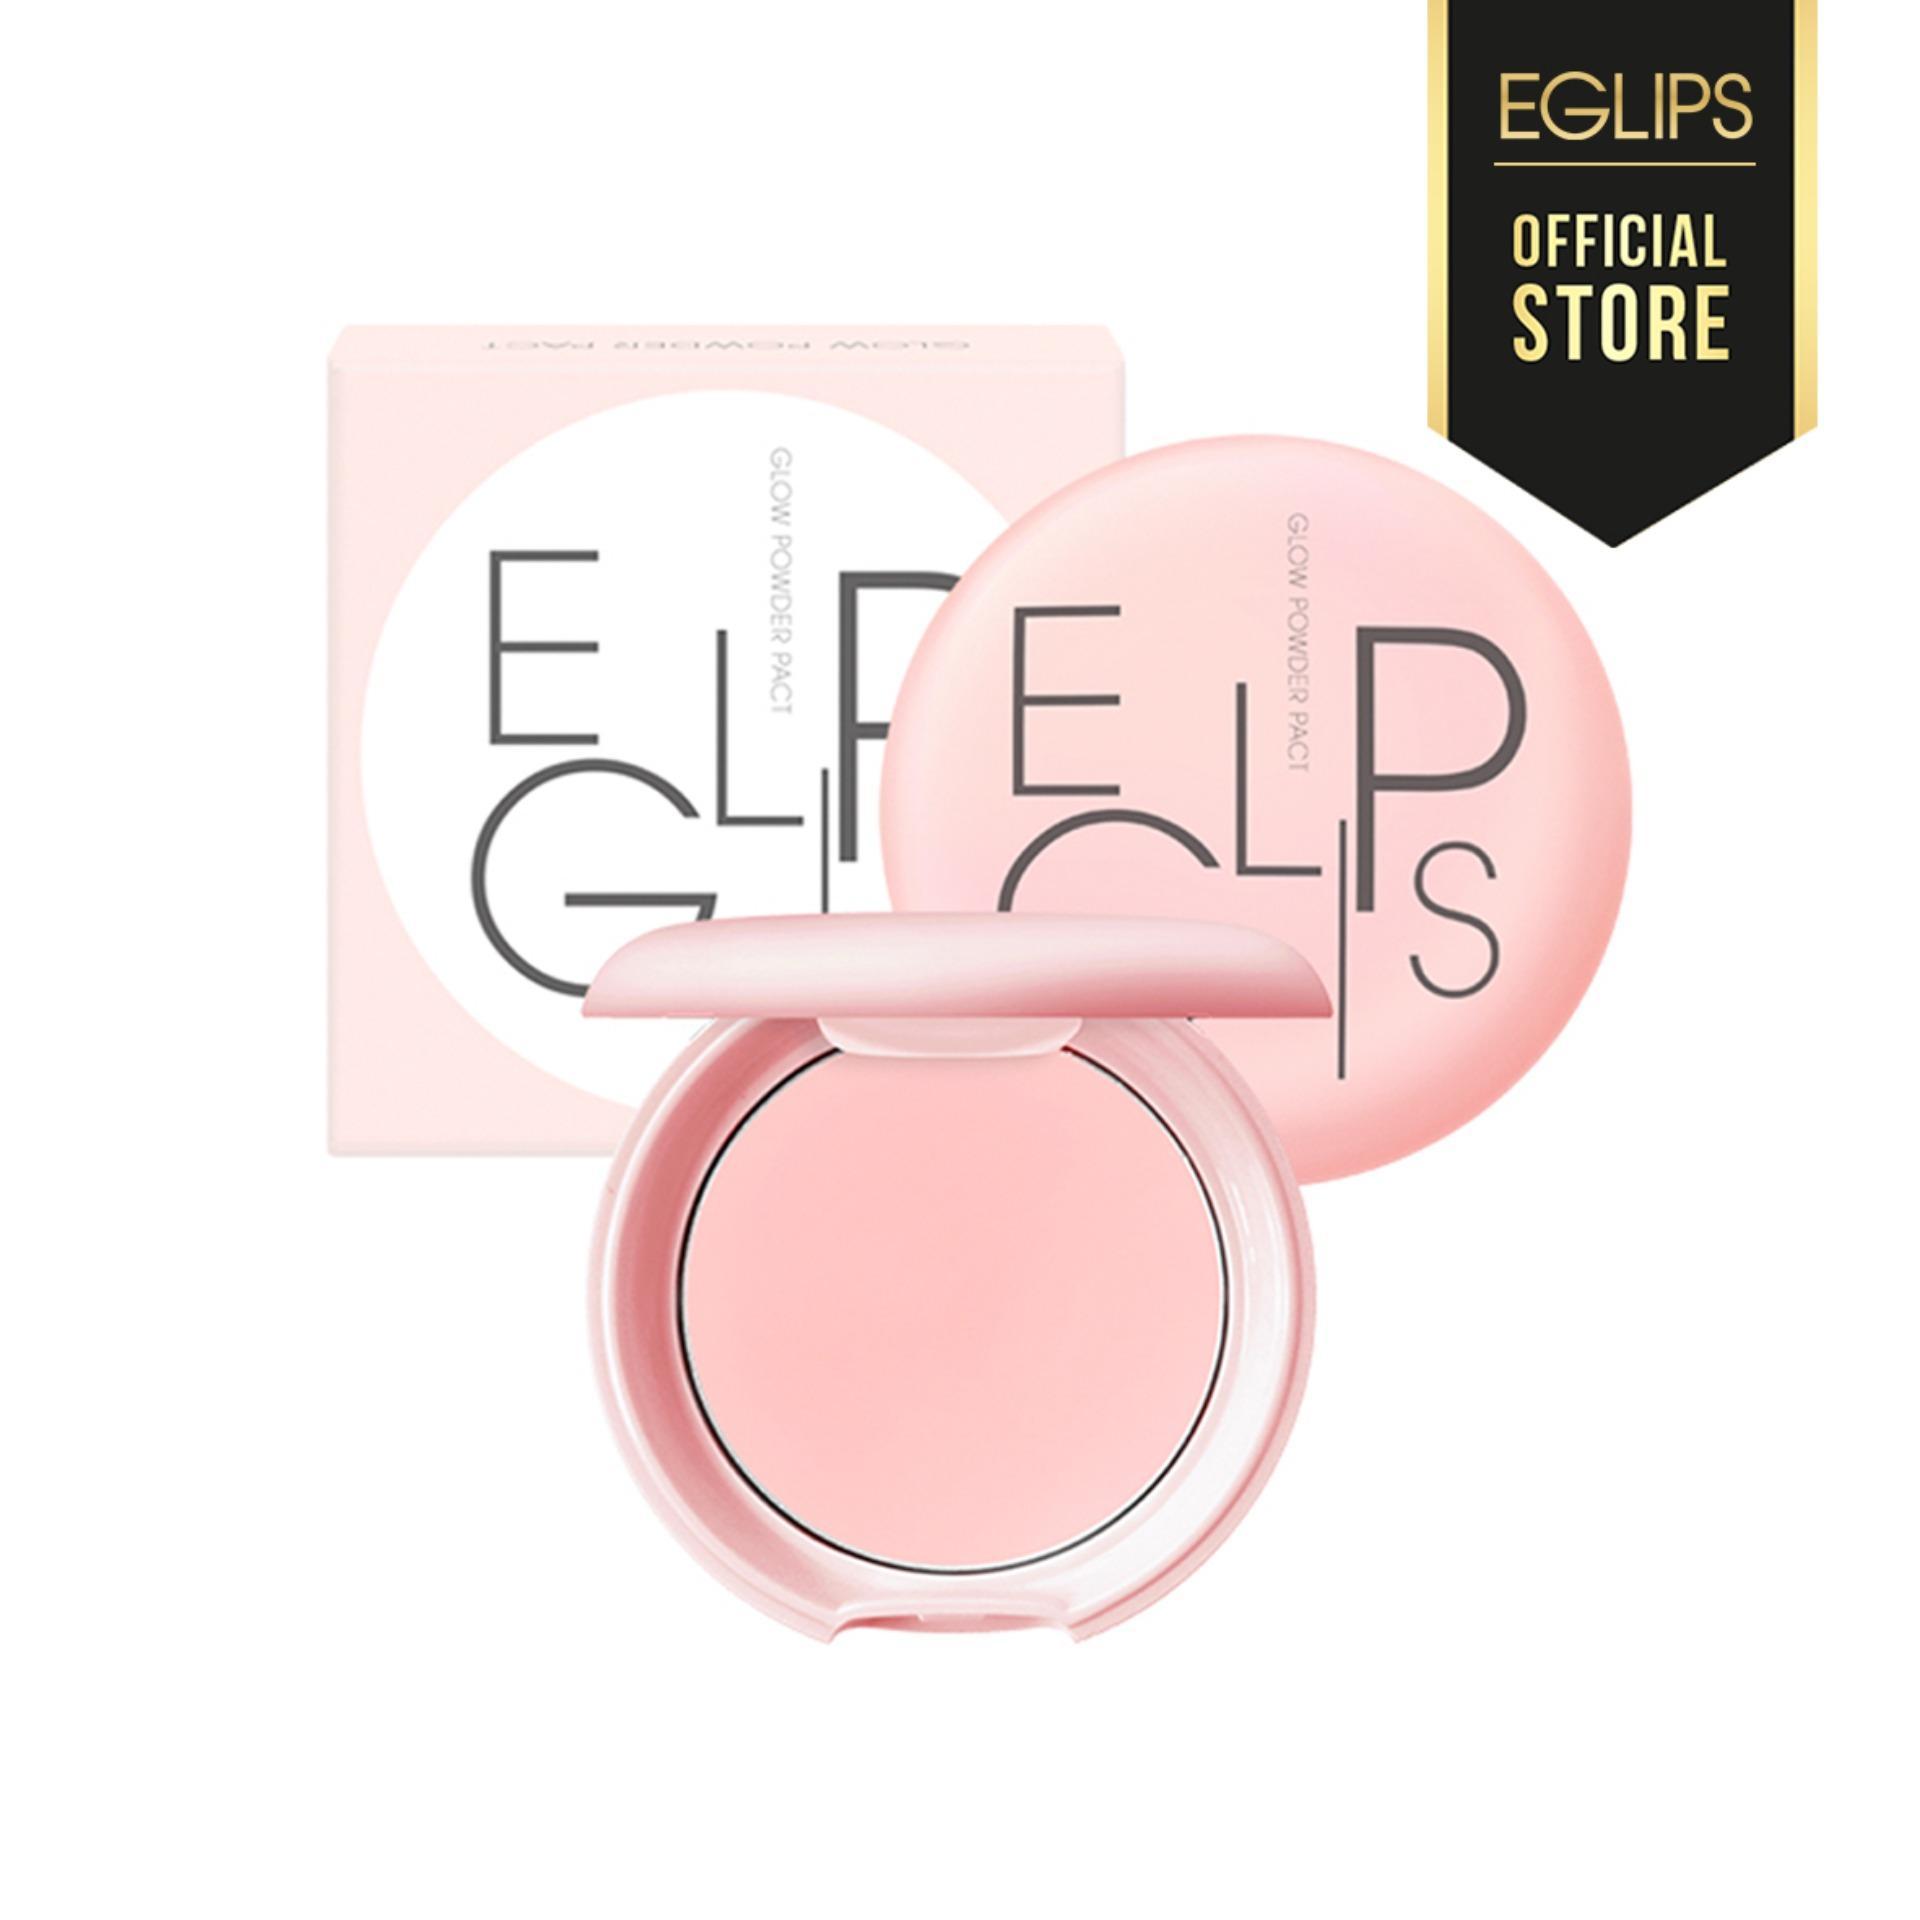 Phấn phủ siêu mịn, bắt sáng hồng ánh ngọc trai Eglips Glow Powder Pact